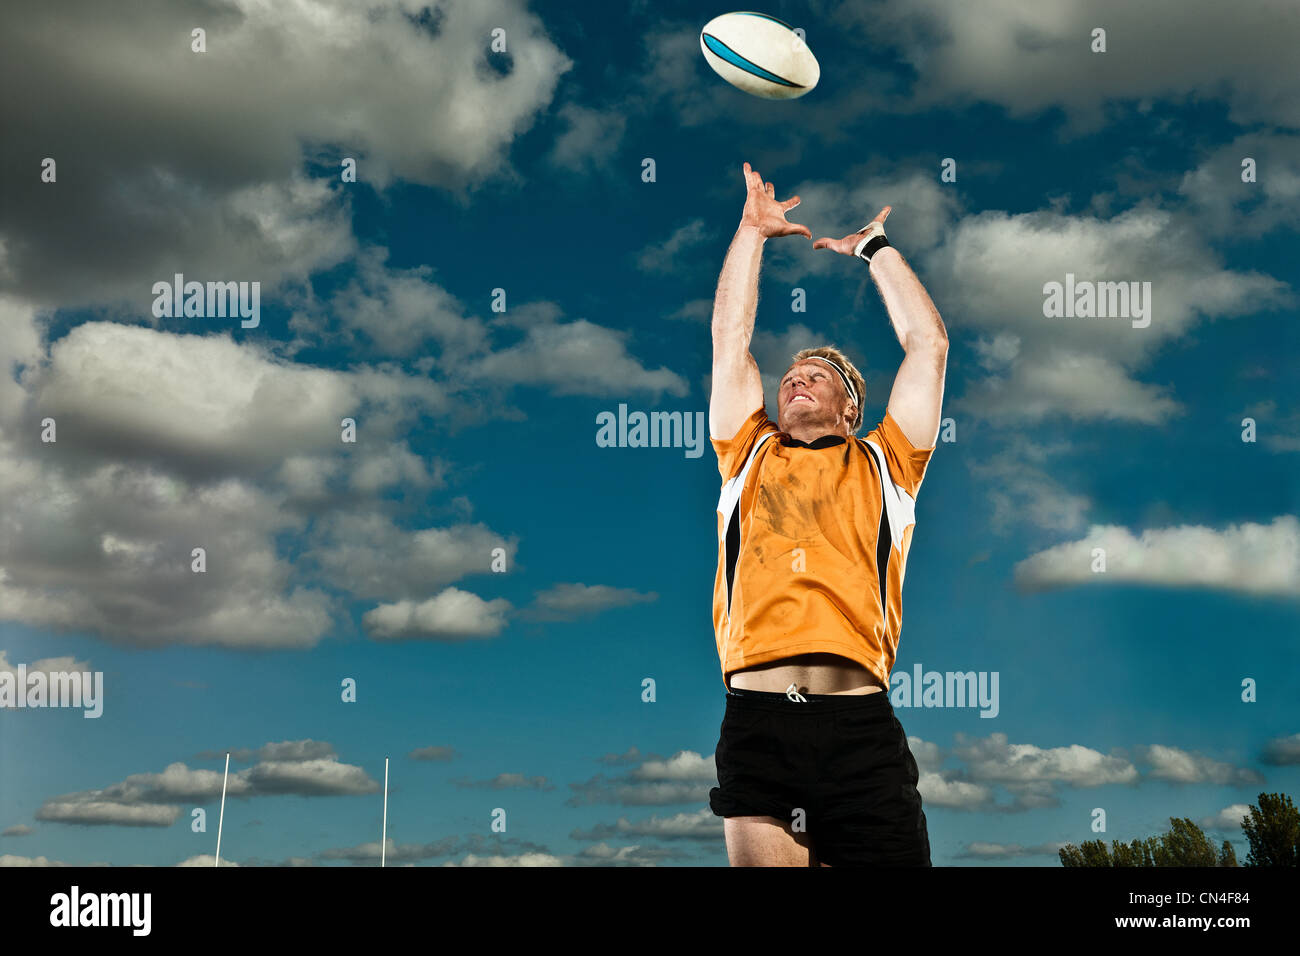 Giocatore di rugby che saltava fino alla sfera di cattura Immagini Stock